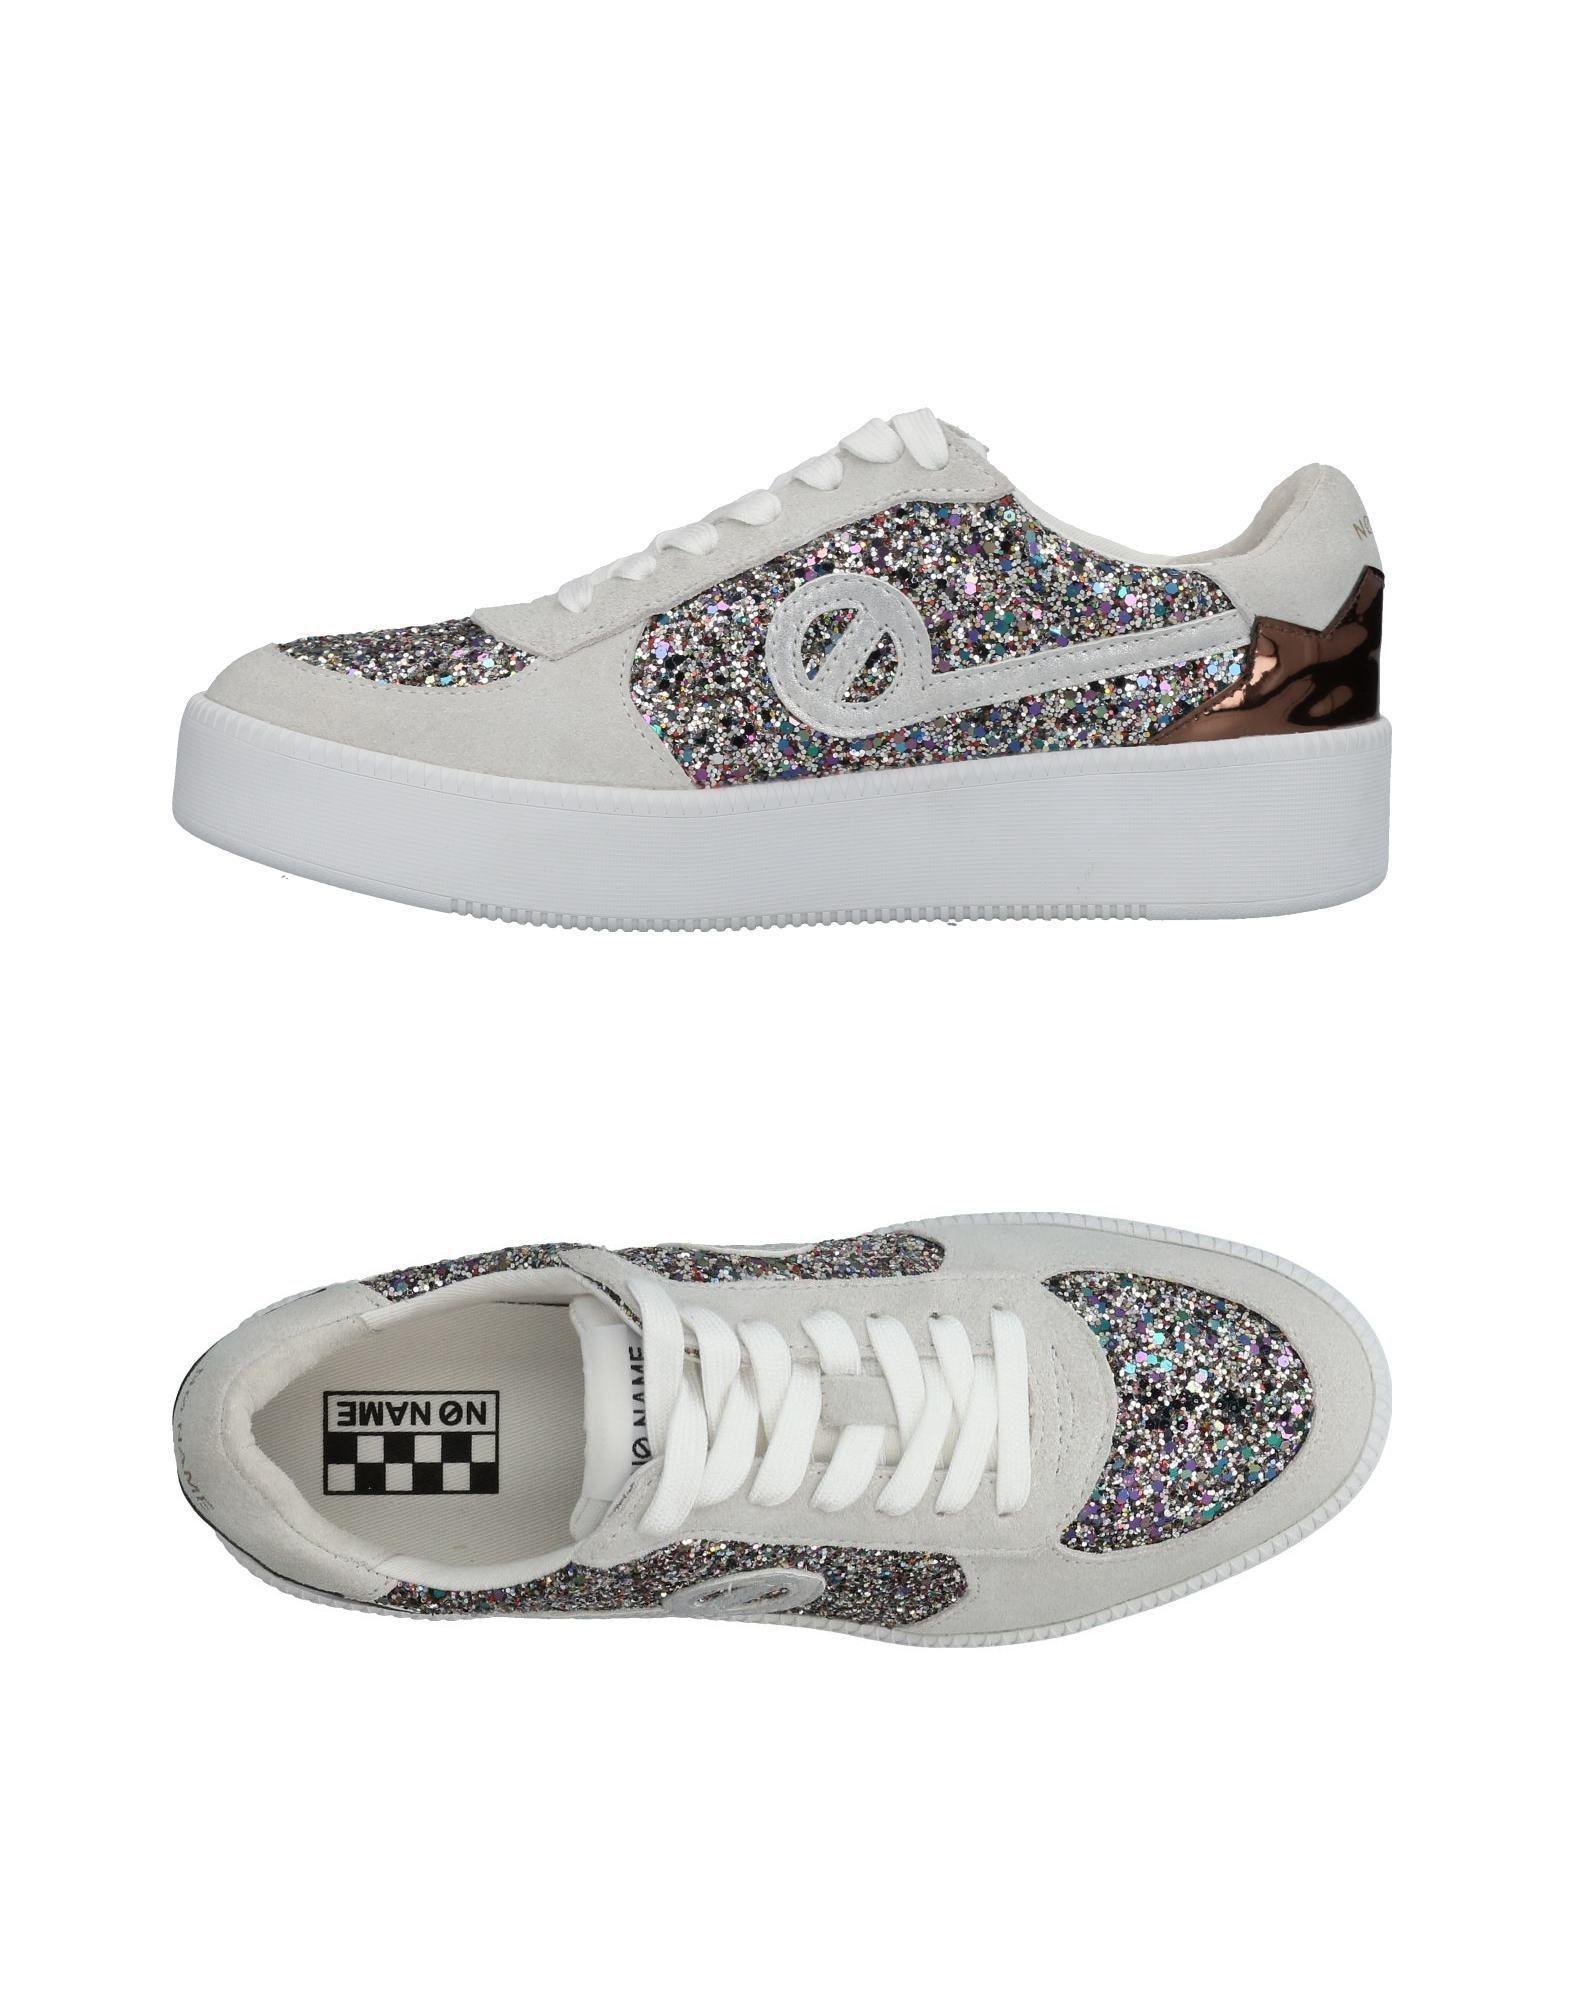 Chaussures - Bas-tops Et Chaussures De Sport Sans Nom 5sAN7j6Hp